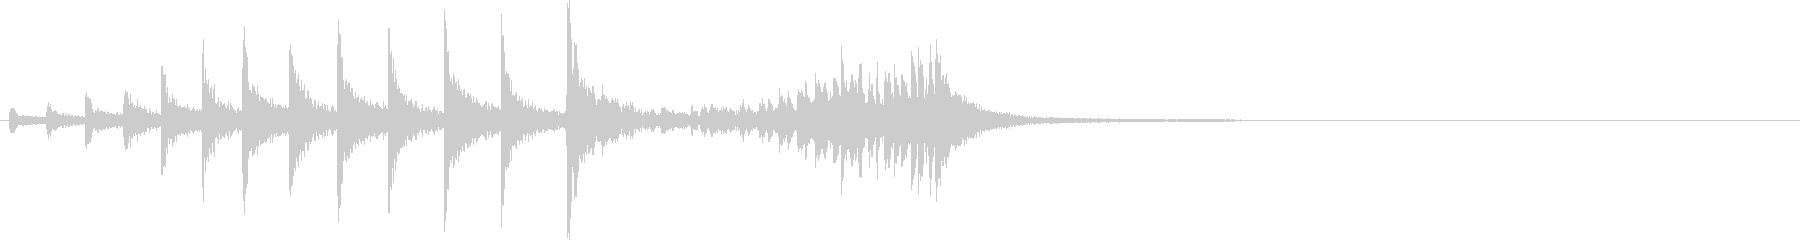 ティンパニファンファーレ:2021...の未再生の波形